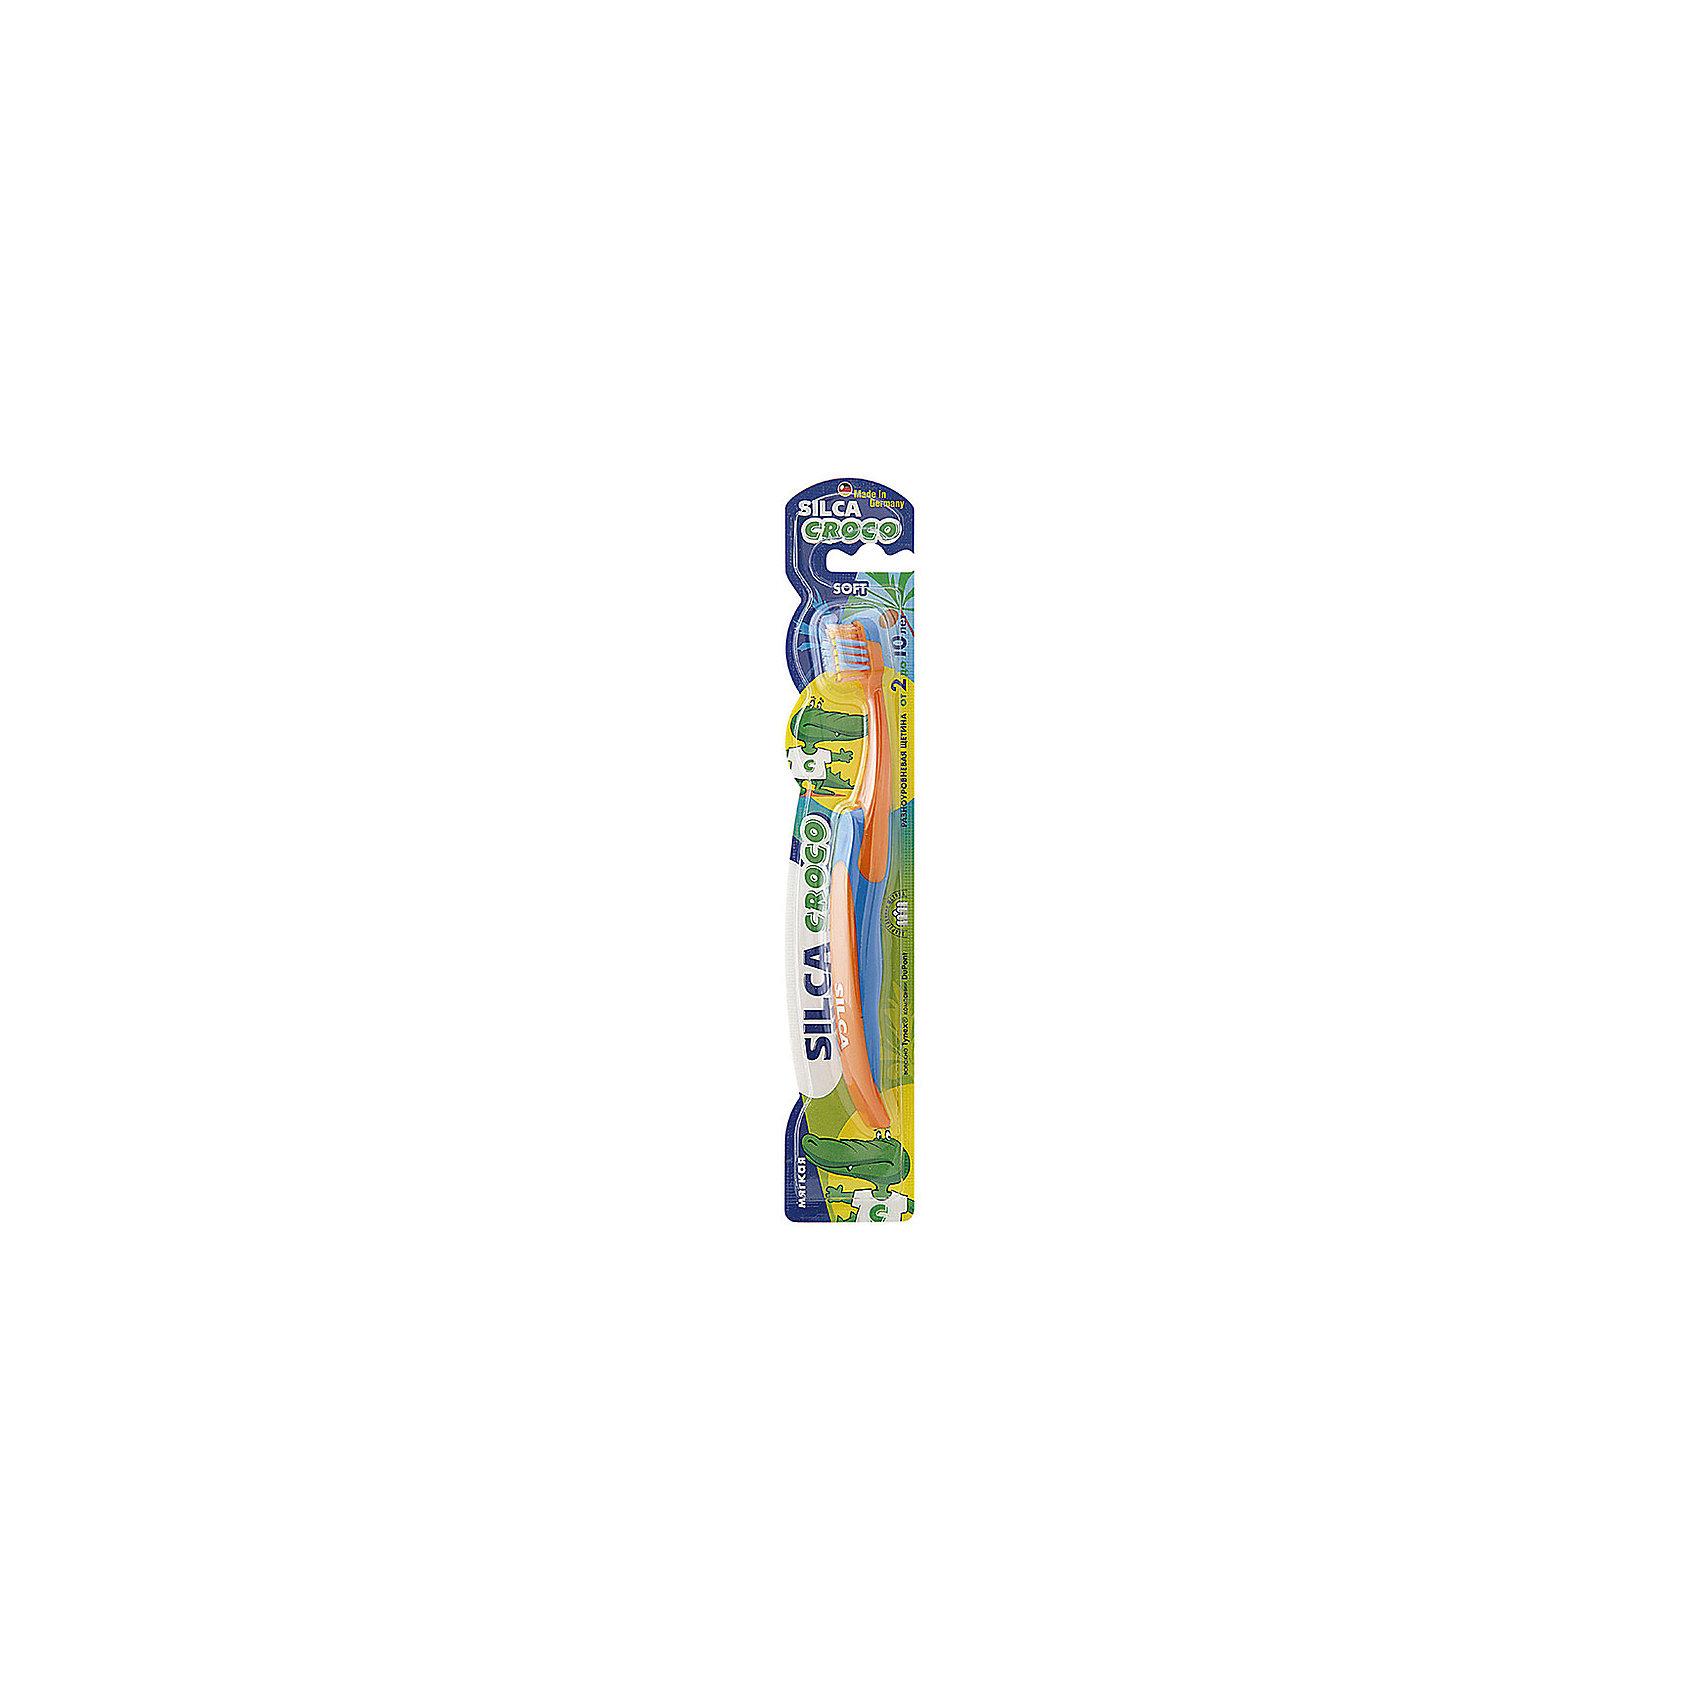 Зубная щетка CROCO 2-10 лет, Silca, в ассорт.Зубные щетки<br>Детская зубная щетка мягкая<br>Soft. От 2 до 10 лет<br>SILCA CROCO – зубная щетка для детей от 2 до 10 лет. Мягкие, тщательно отшлифованные и закругленные на кончиках щетинки расположены под различным углом к чистящей головке: внутренний ряд эффективно и бережно чистит жевательную поверхность зубов, внешний ряд более длинных щетинок очищает межзубные промежутки и нежно массирует десны. Массивная ручка с вставками из приятного на ощупь рифленого пластика не позволяет щетке выскальзывать из рук. Подходит для ухода за смешанными зубами.<br><br>Текст на упаковке<br><br>Укороченная головка щетки с разноуровневой мягкой щетиной и широкой мягкой окантовкой обеспечивает бережный уход за зубами и деснами.<br><br>Силовой выступ предназначен для очищения межзубных промежутков и труднодоступных мест.<br><br>Короткие щетинки основного чистящего поля эффективно удаляют налет с жевательных поверхностей.<br><br>Удлиненные наклонные внешние щетинки очищают гладкие поверхности, десневой желобок и мягко массируют десны.<br><br>Абсолютно закругленная щетина не травмирует десны. При производстве щетины используется высококачественное волокно Tynex компании DuPont.<br><br>Удобная трехкомпонентная ручка с упором для большого пальца и нескользящим покрытием.<br><br>Состав:<br><br>Ручка: HP 100-GA 04; ТПЭ Thermolast TF 5 ECN<br><br>Щетина: волокно TYNEX полиамид 6.12<br><br>Ширина мм: 43<br>Глубина мм: 20<br>Высота мм: 240<br>Вес г: 127<br>Возраст от месяцев: 24<br>Возраст до месяцев: 120<br>Пол: Унисекс<br>Возраст: Детский<br>SKU: 4729849